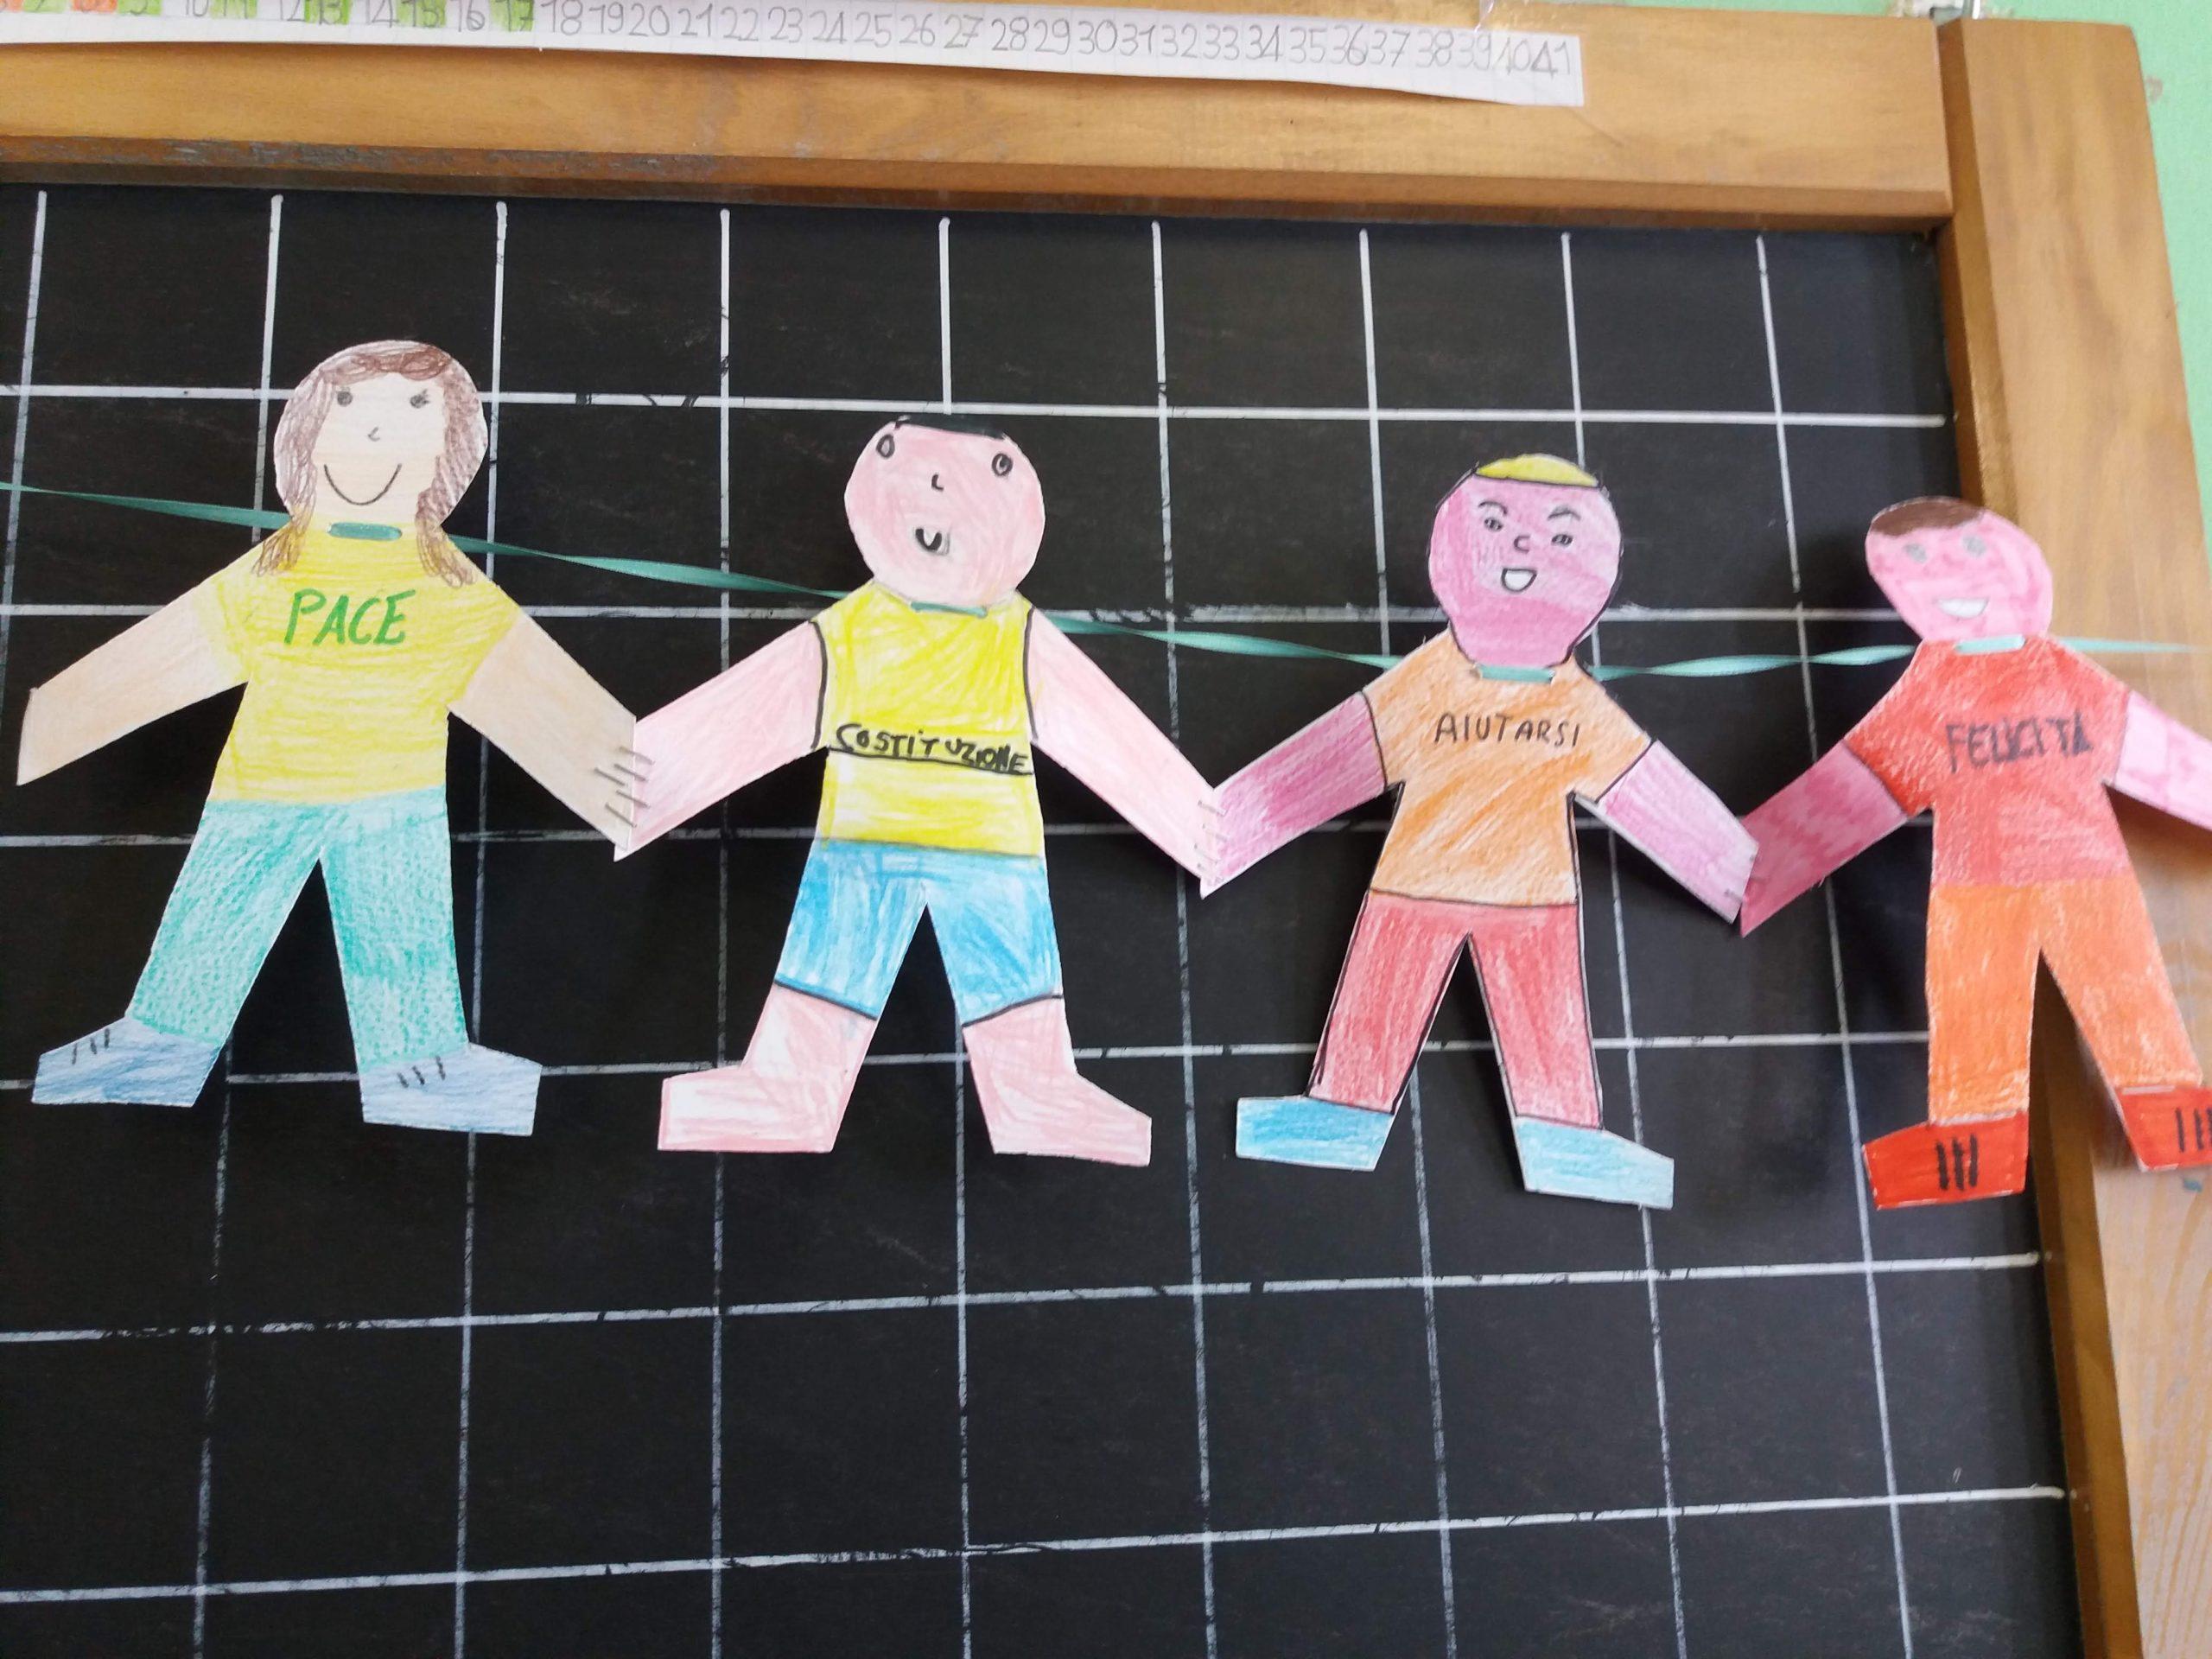 2 giugno: festeggiamo la Repubblica | Attività didattica a distanza per la scuola primaria